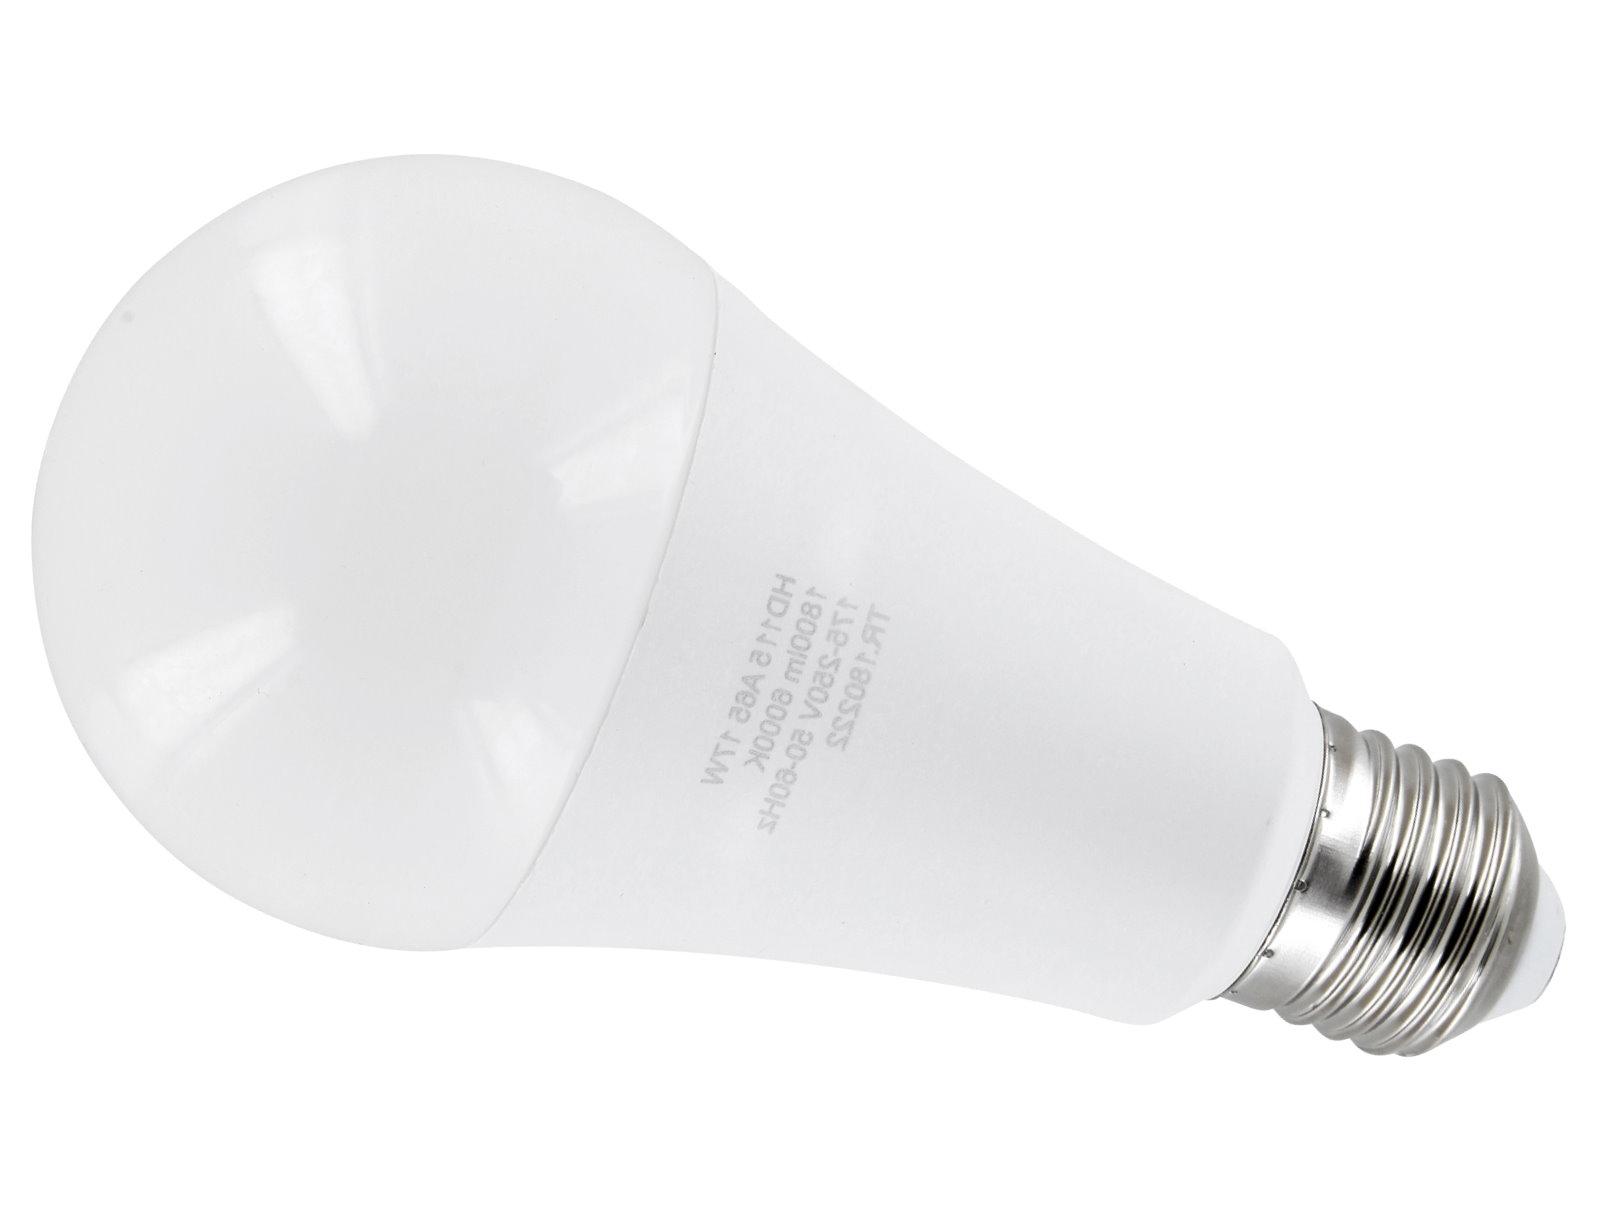 LED Leuchtmittel Birne A65 E27 17W - kaltweiß